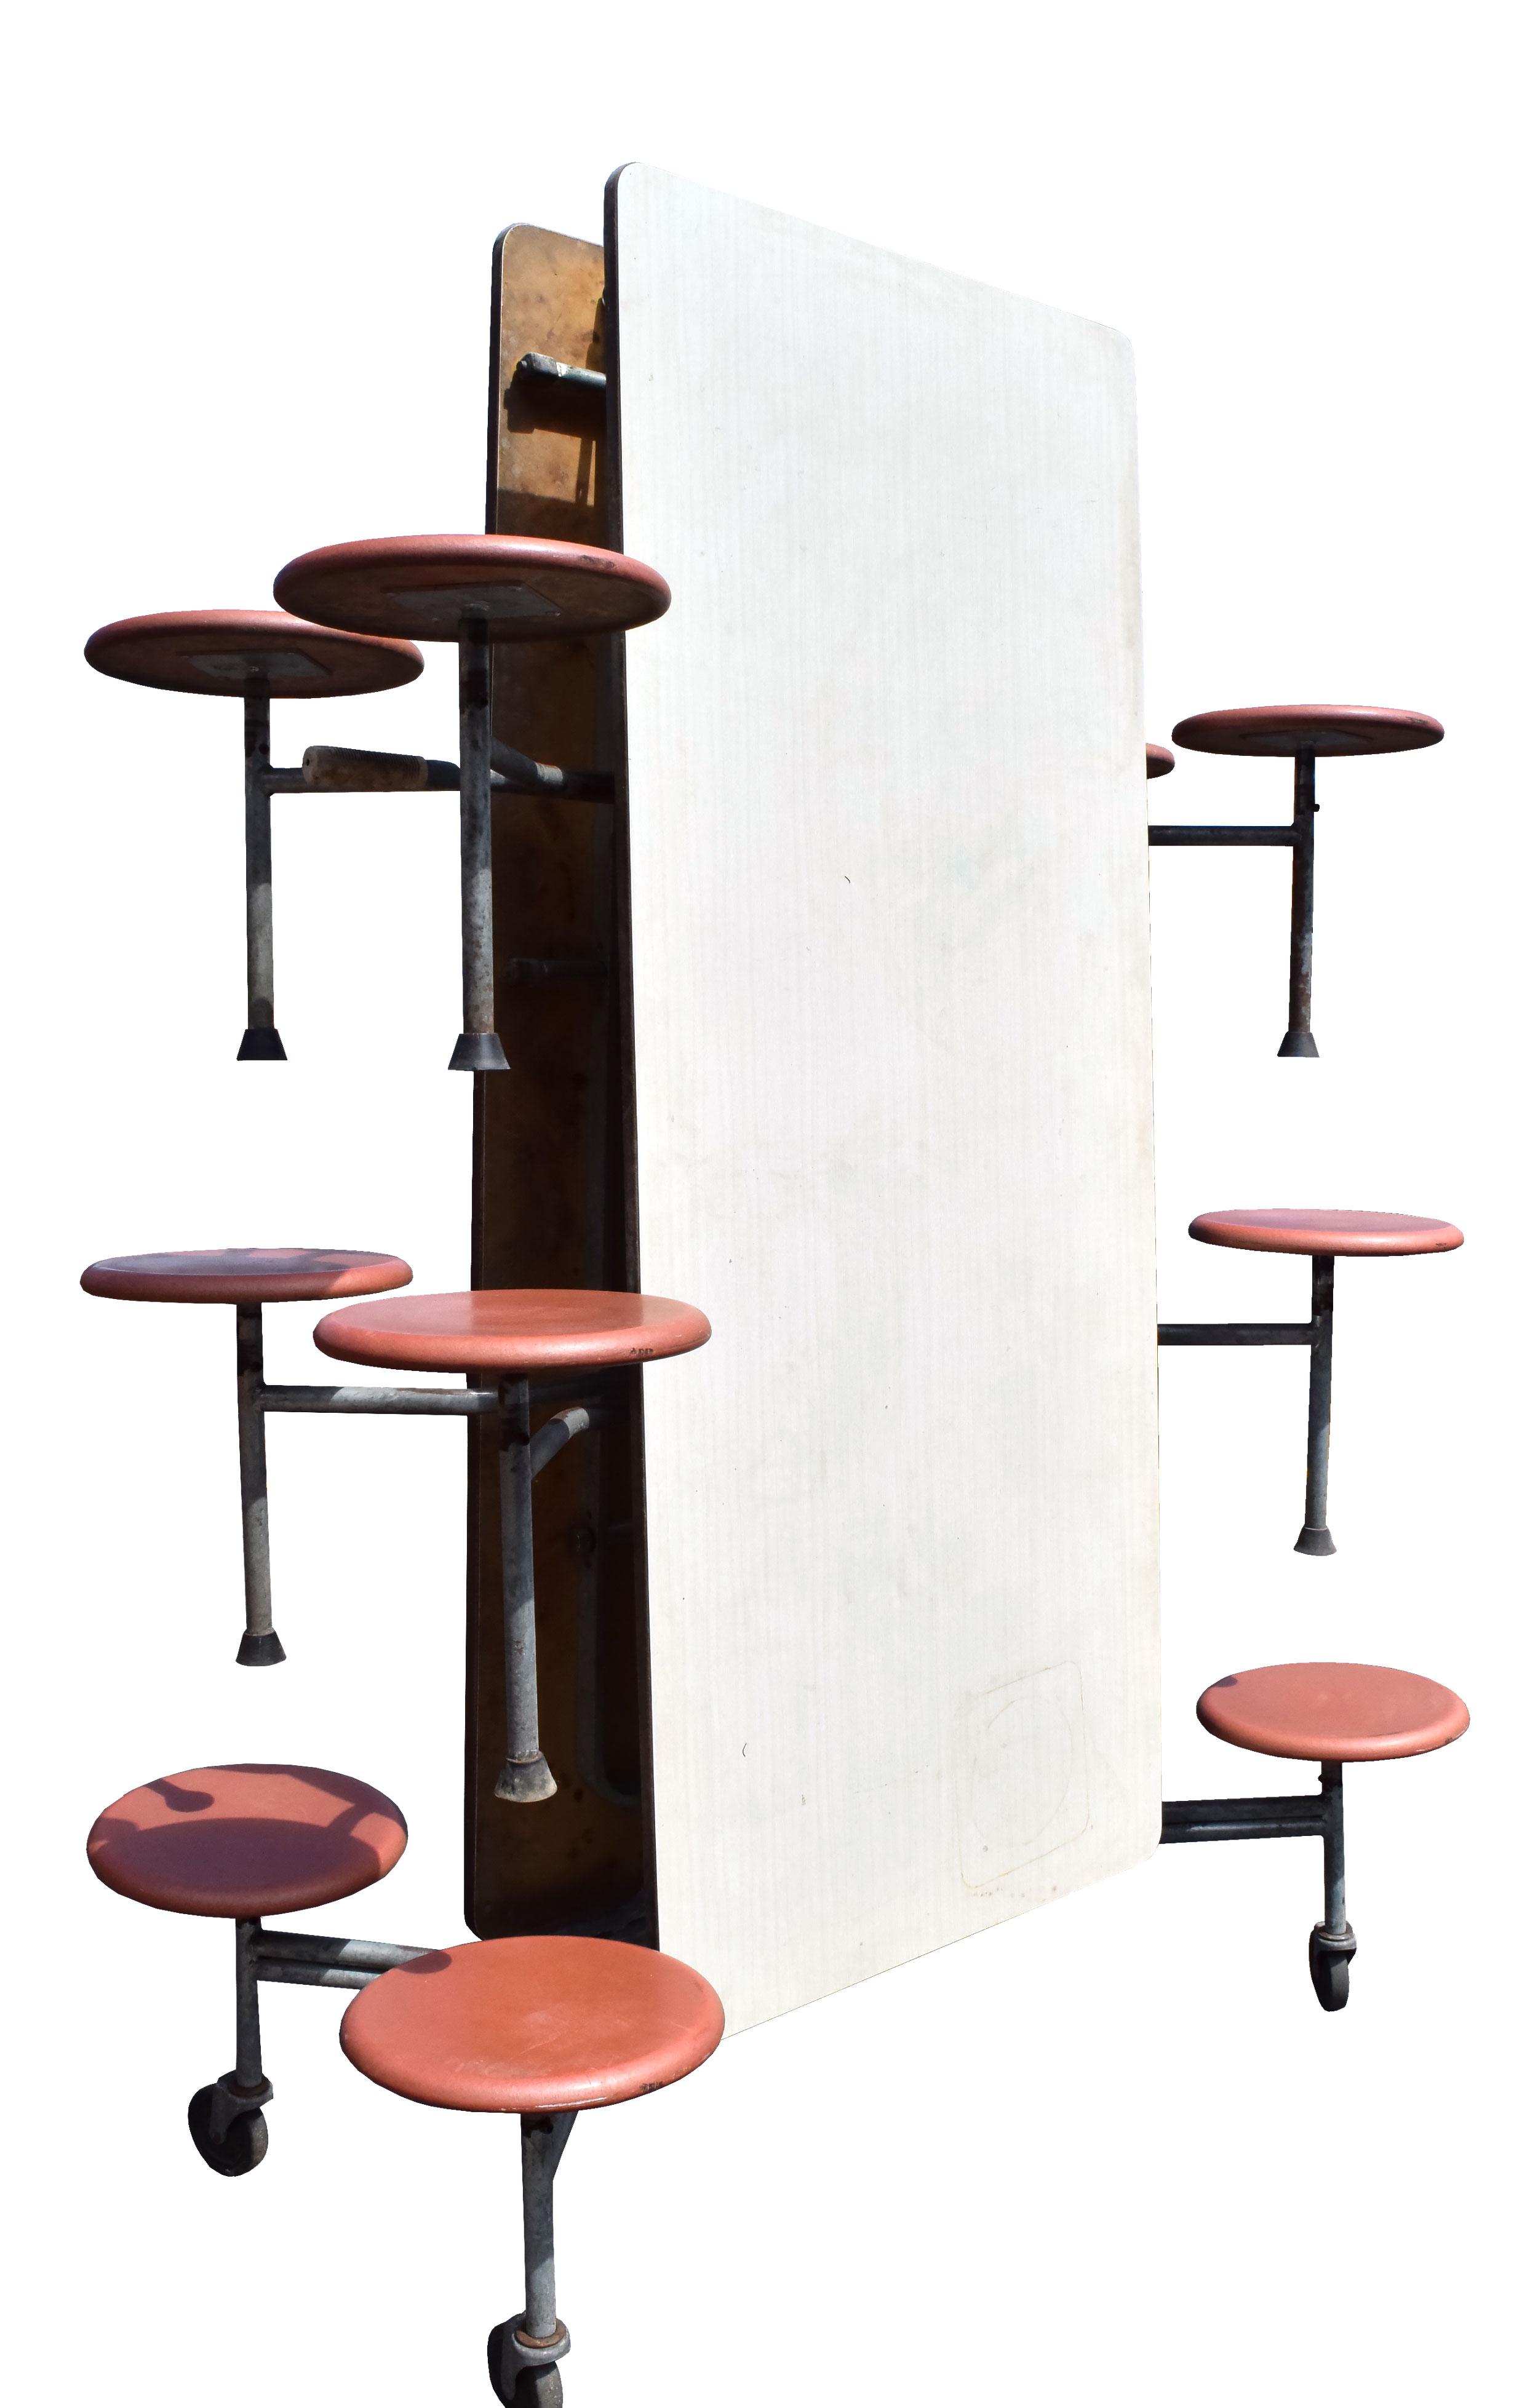 47026-school-lunch-table-folded.jpg